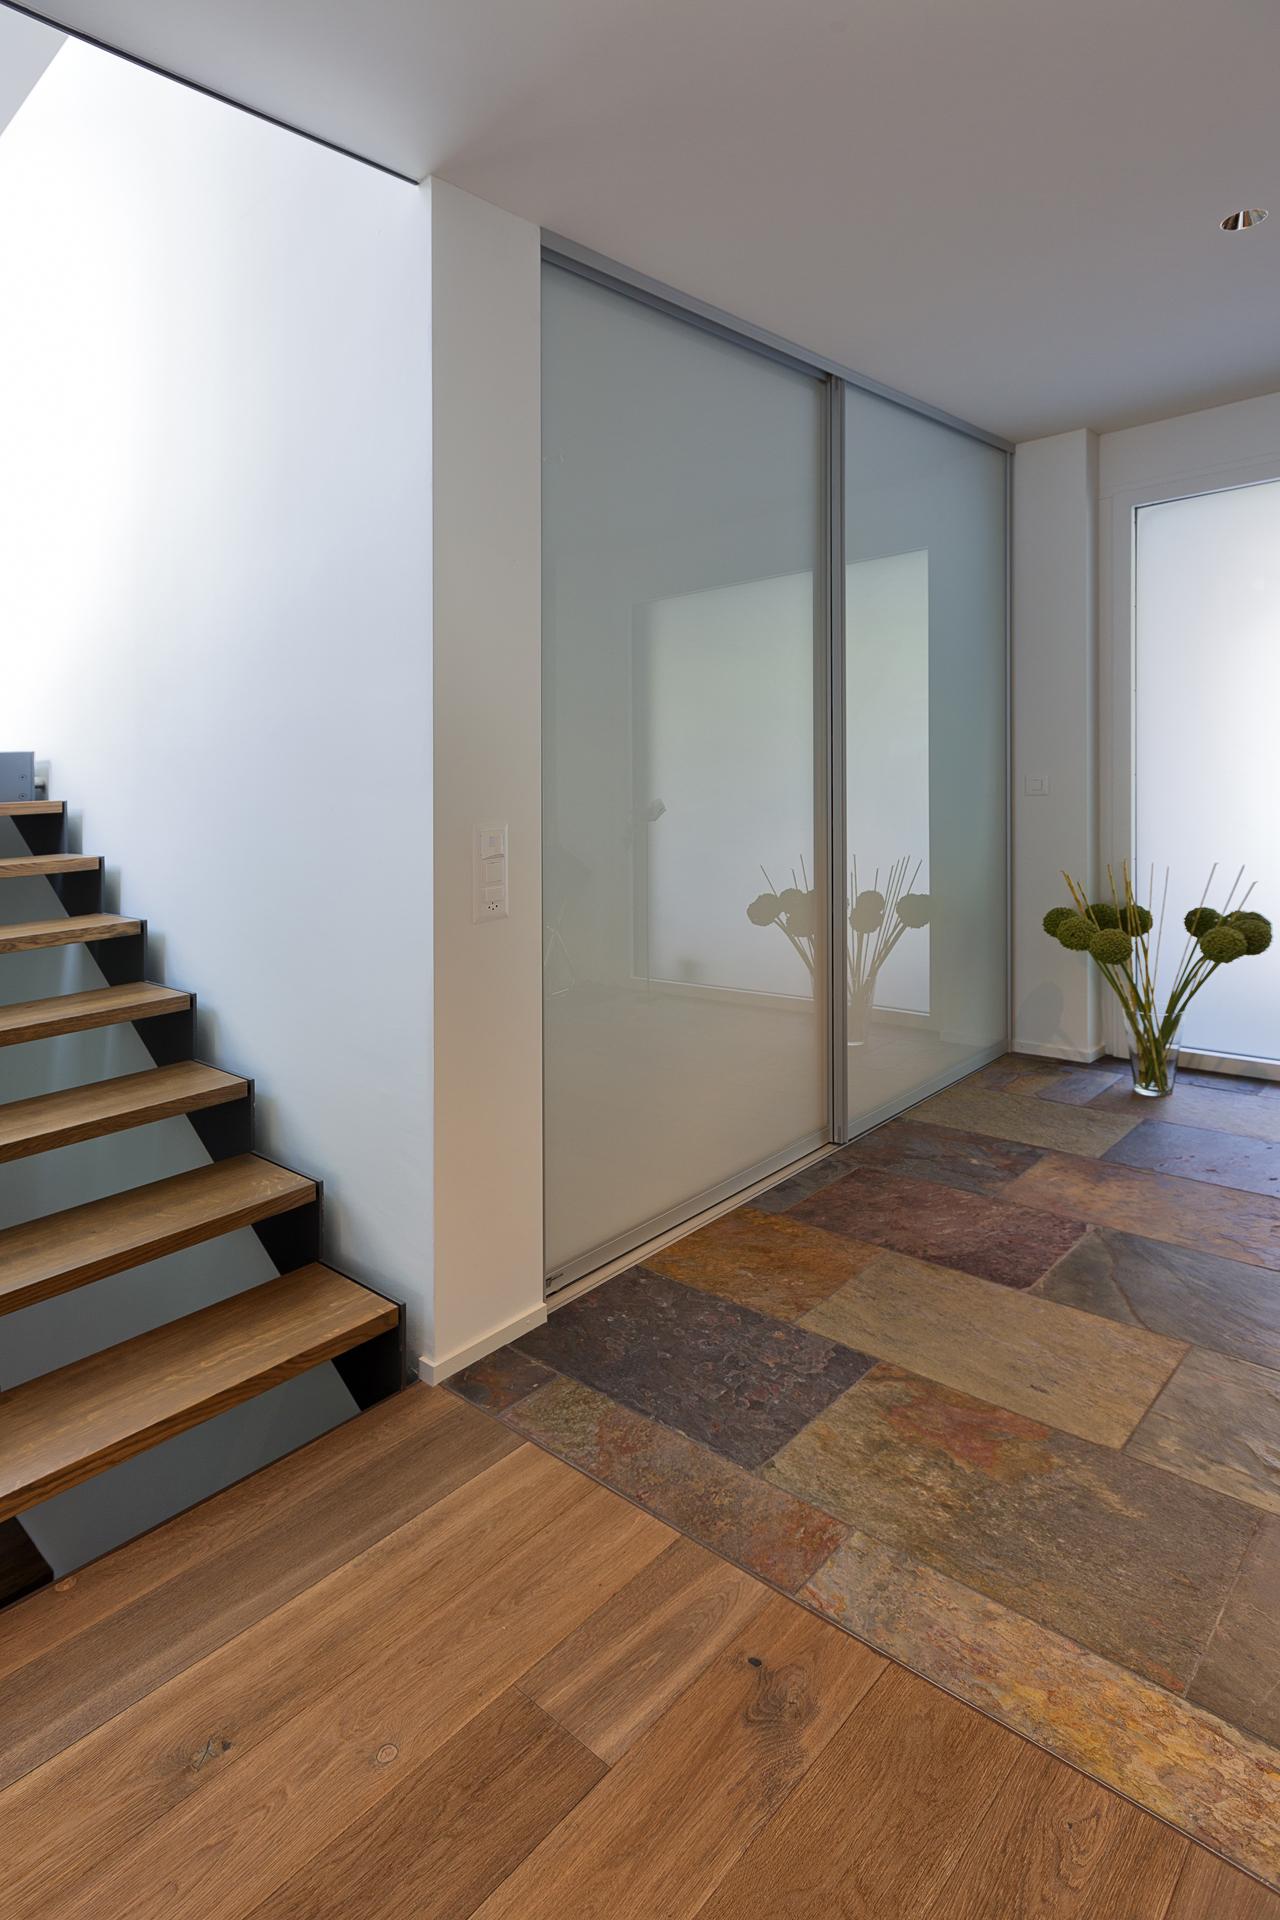 garderoben nischenschrank wohn design. Black Bedroom Furniture Sets. Home Design Ideas